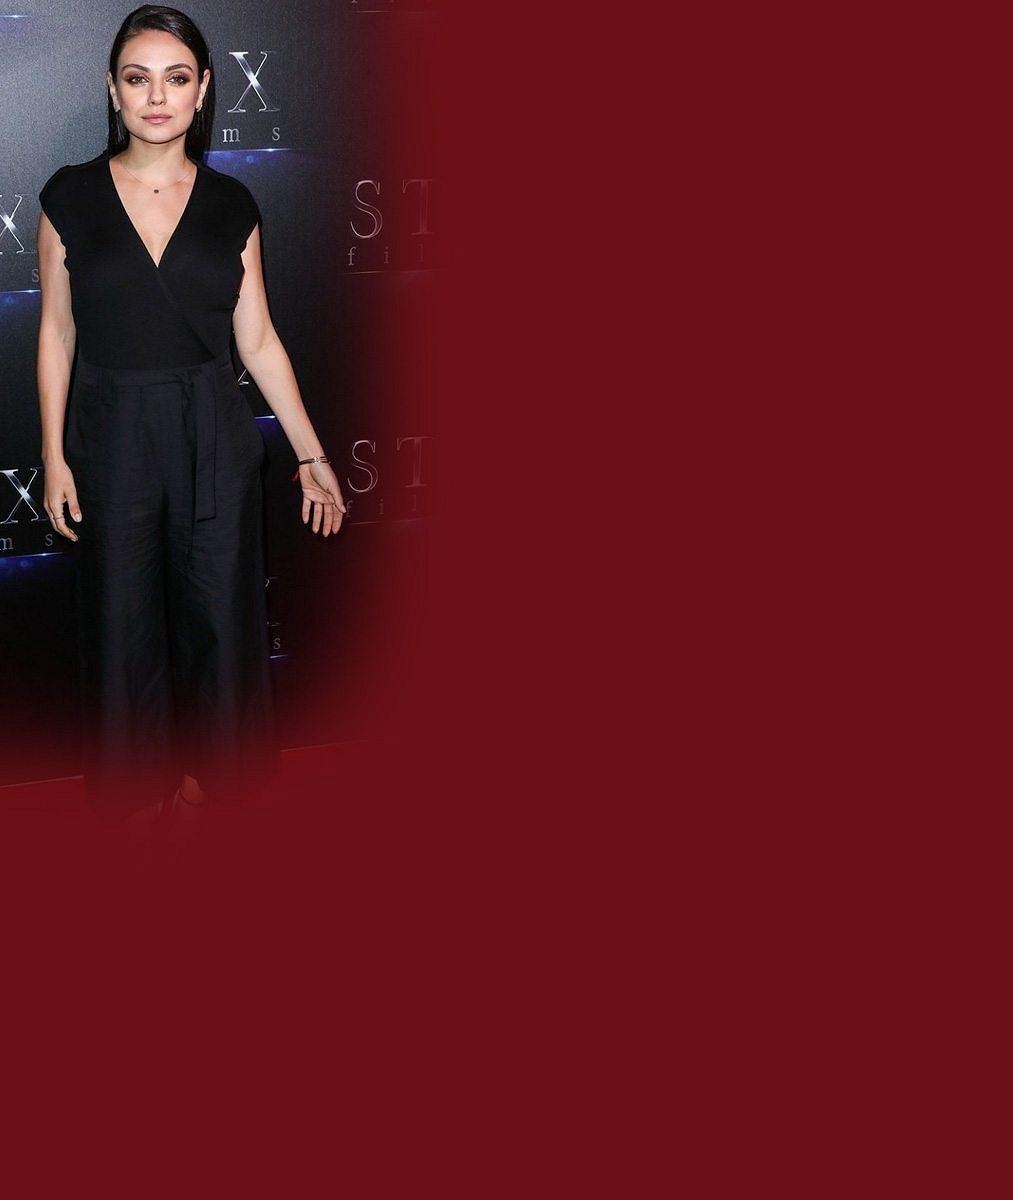 Mila Kunis ukázala štíhlou postavu v overalu: Takhle jí to sluší čtyři měsíce po druhém porodu